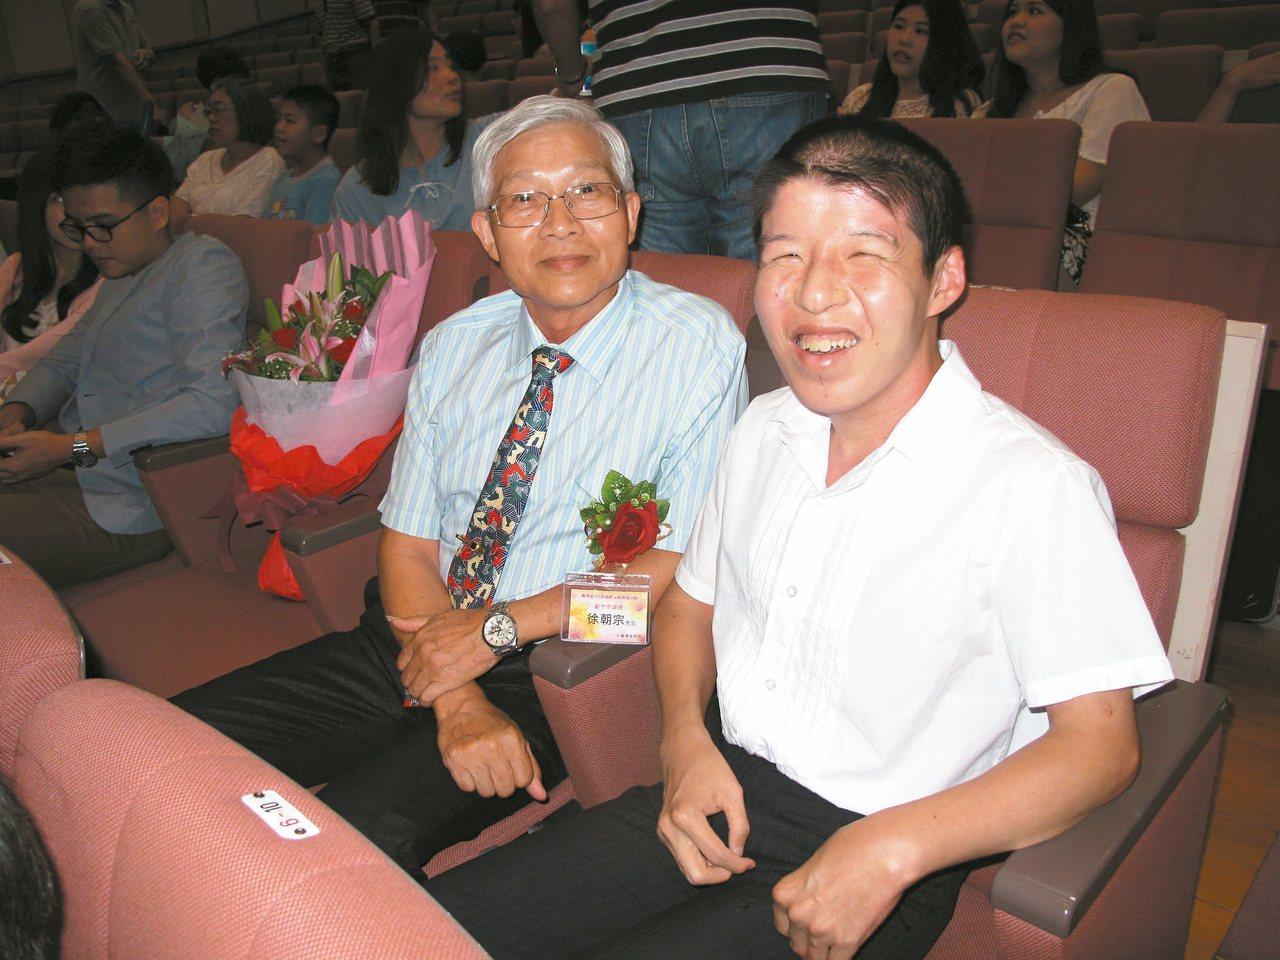 徐朝宗(左)撫育腦麻兒子小綱34年,日前獲省府表揚。 圖/徐朝宗提供